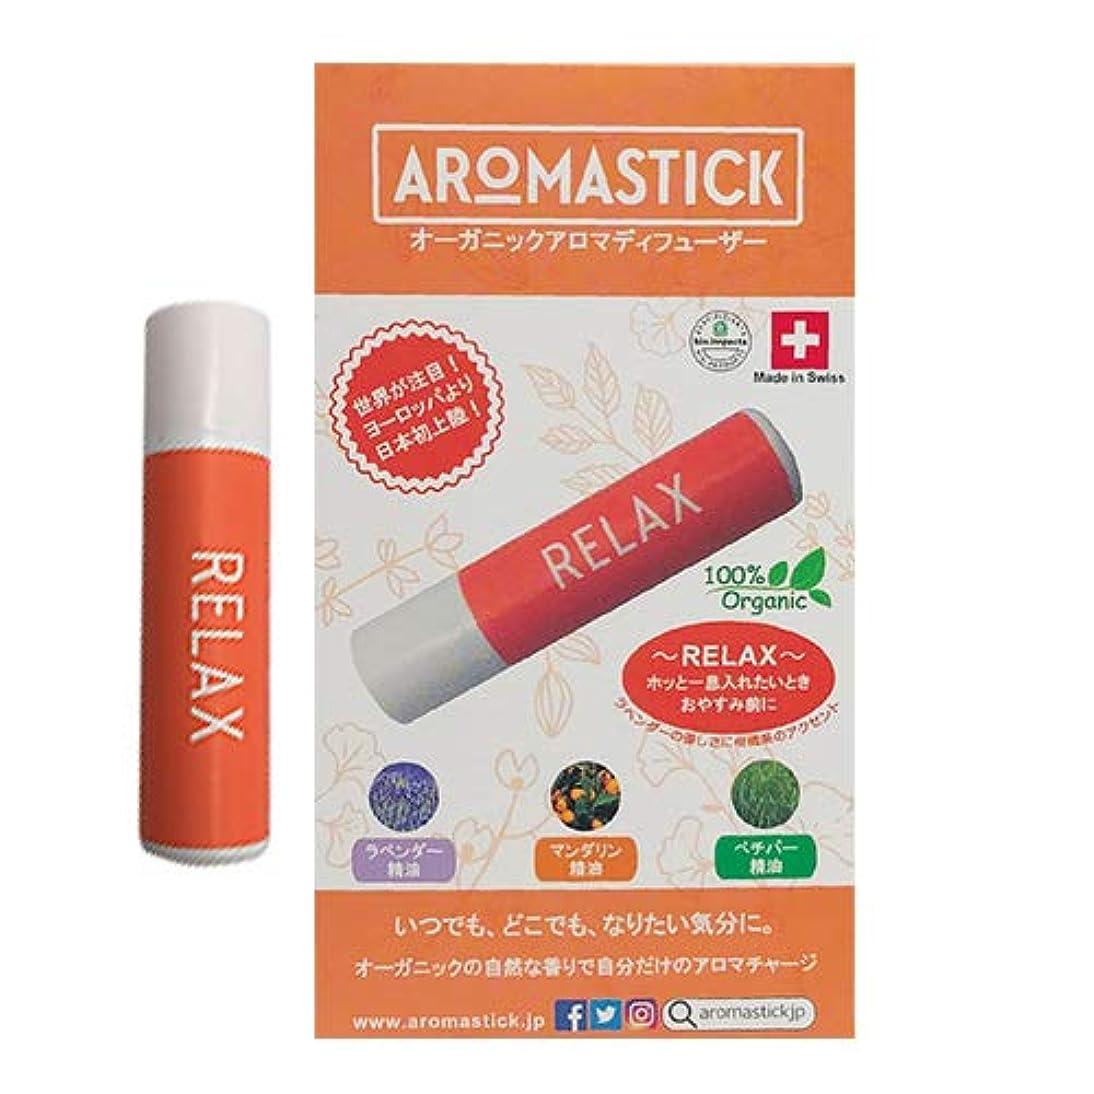 温帯タヒチアテンダントオーガニックアロマディフューザー アロマスティック(aromastick) リラックス [RELAX] ×3個セット